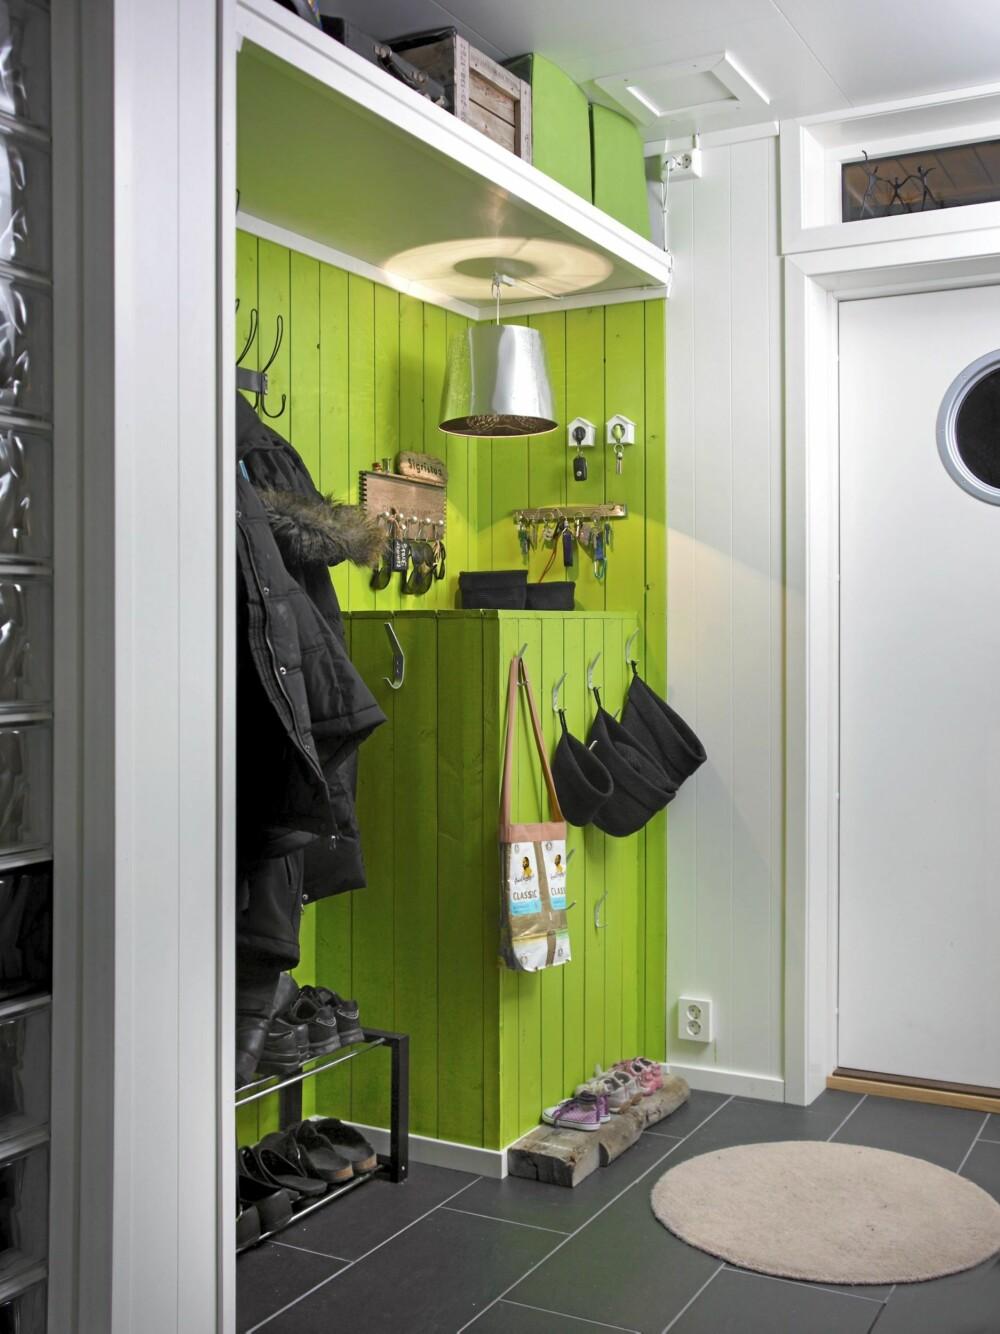 LIMEGRØNT OG REKVED: Veggpanelet er malt i en energigivende grønnfarge. Barneskohylla er et lite stykke rekved fra fjæra.